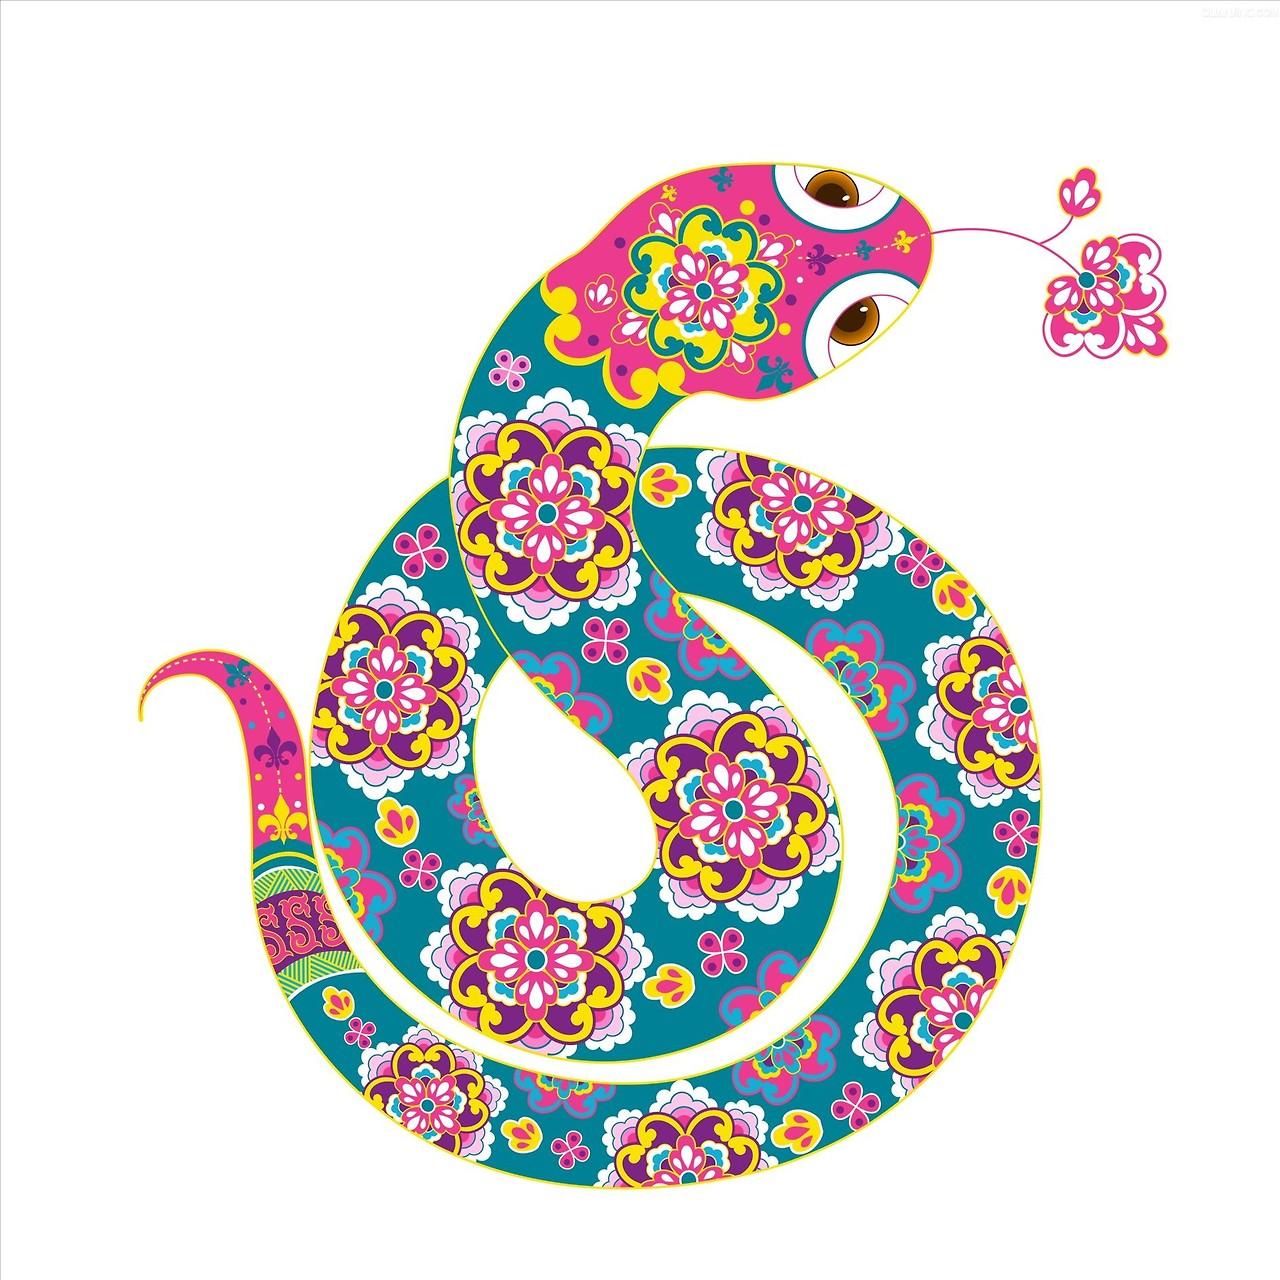 做梦-周公解梦-梦见蛇